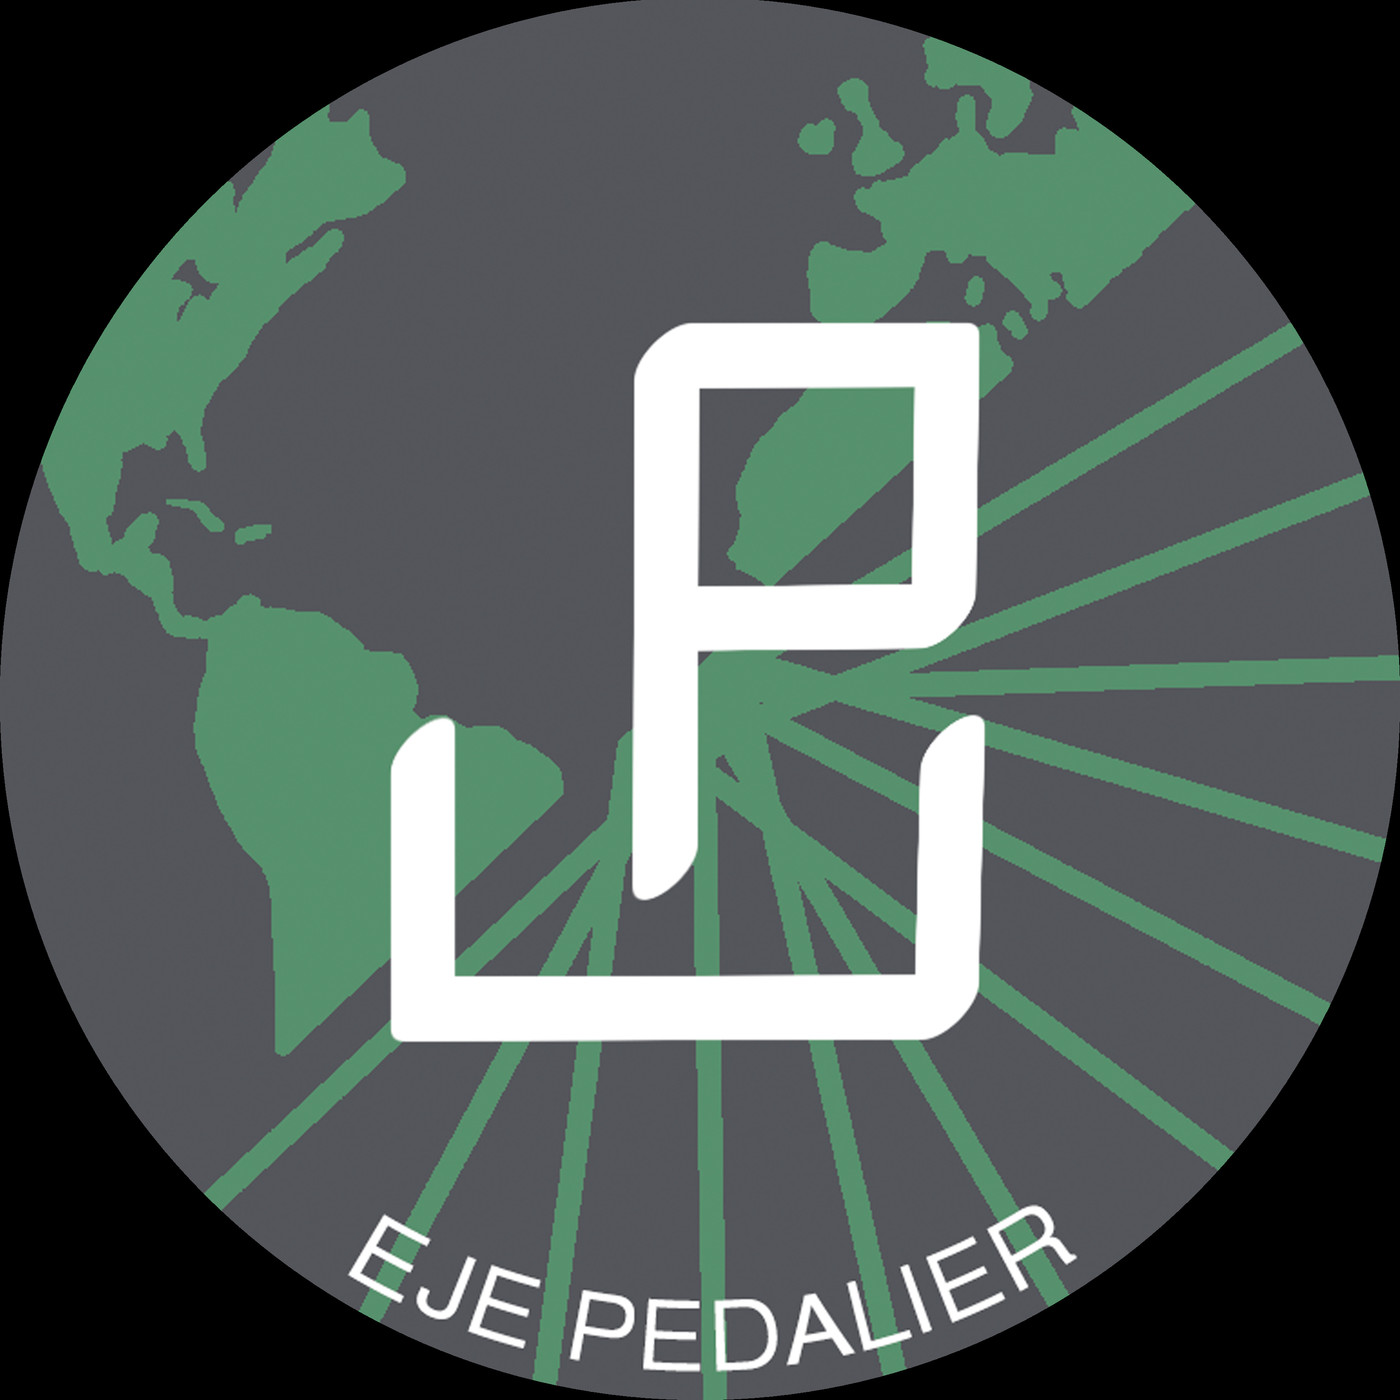 Eje Pedalier